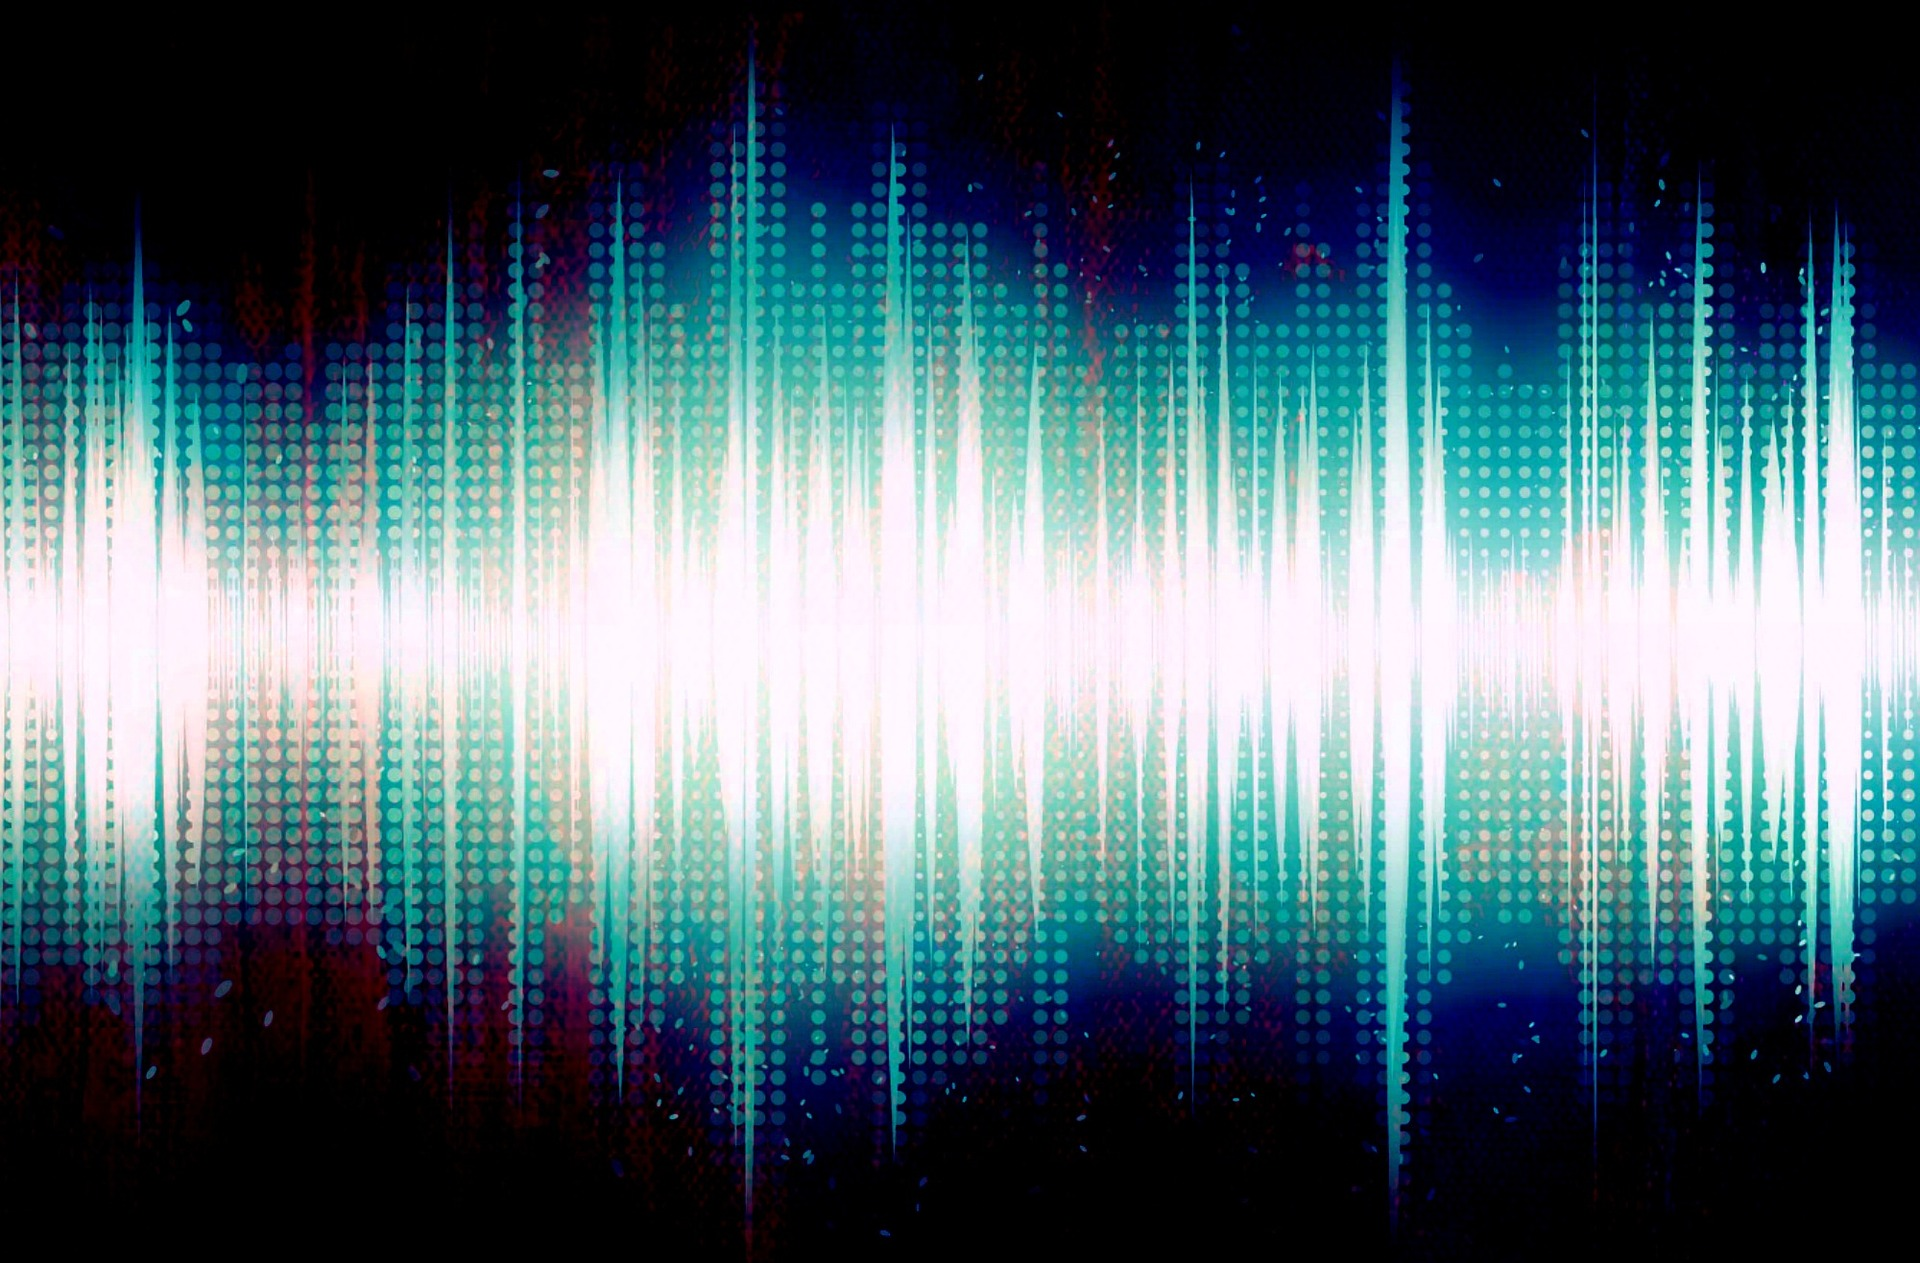 Sound från Pixabay Public Domain https://pixabay.com/sv/ljud-v%C3%A5gor-equalizer-bakgrund-495859/